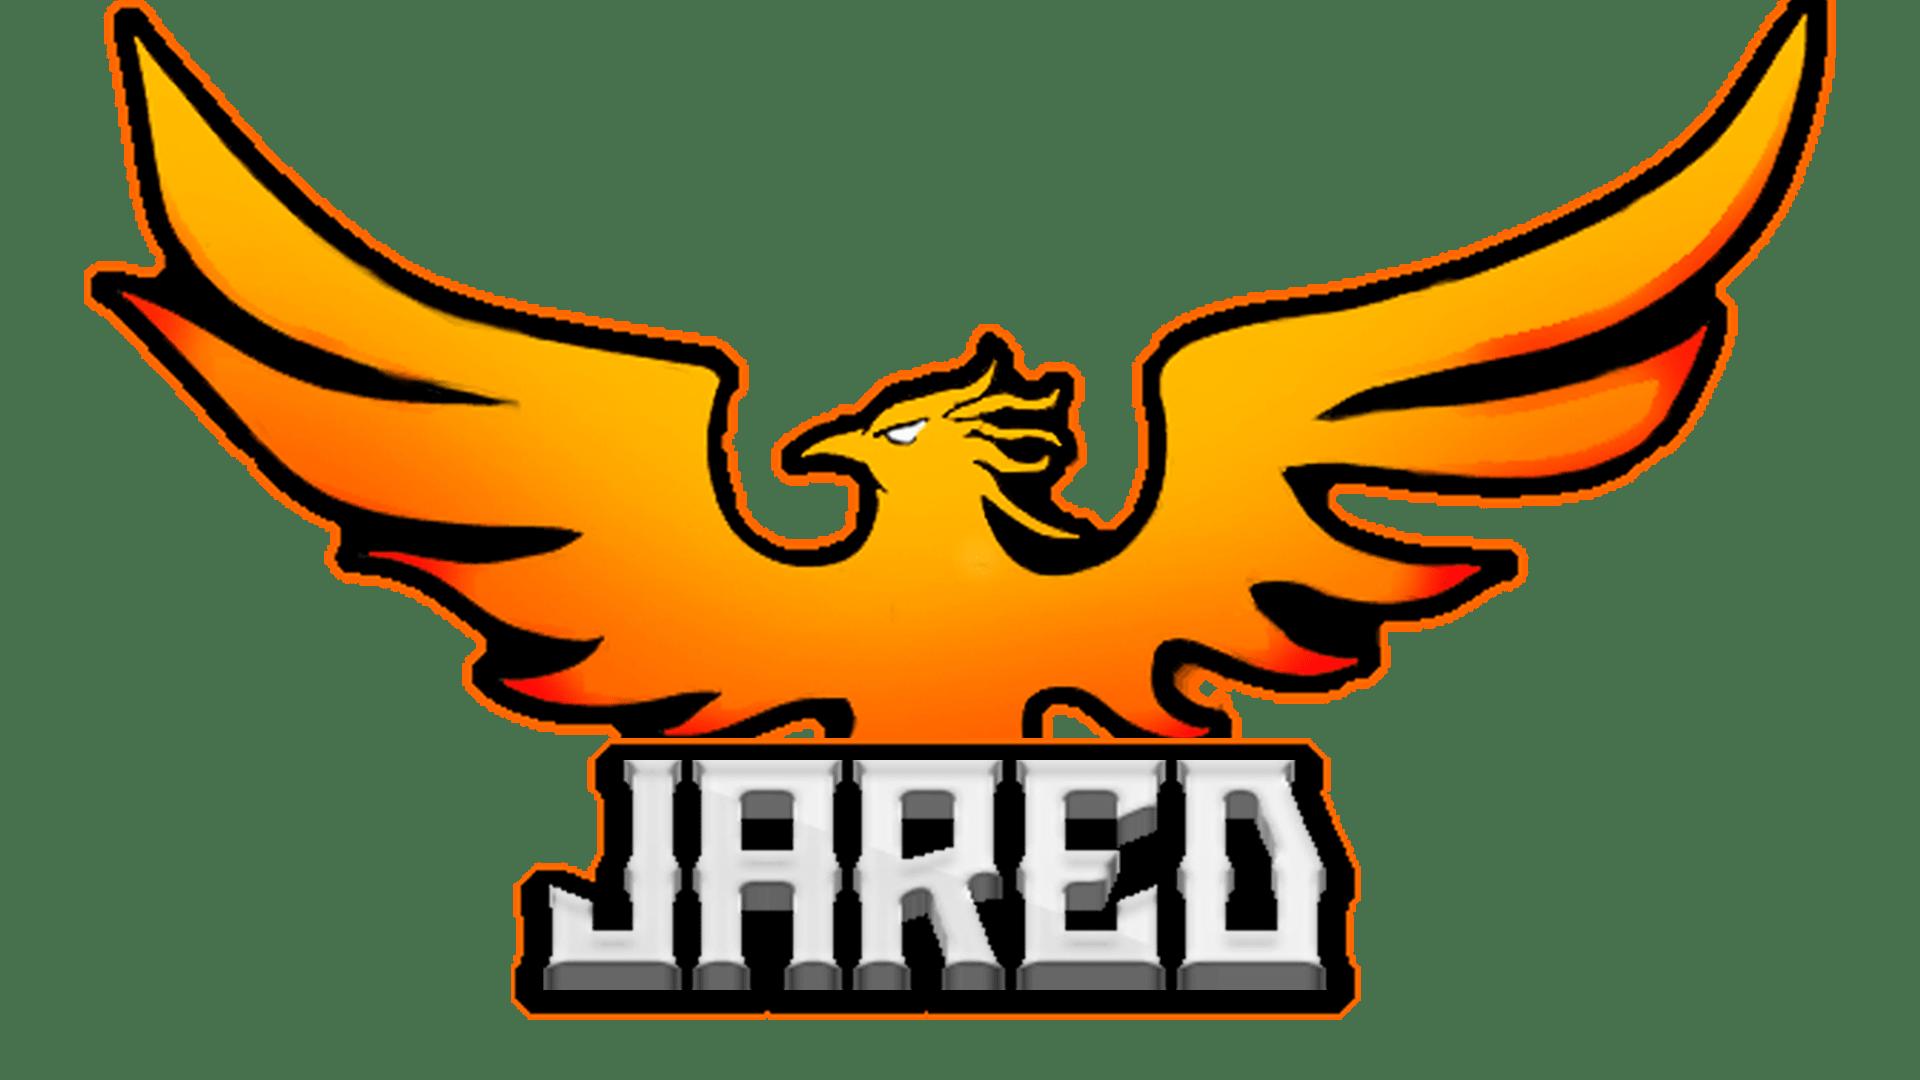 JaredNETWORK - Play.JaredNetwork.Net